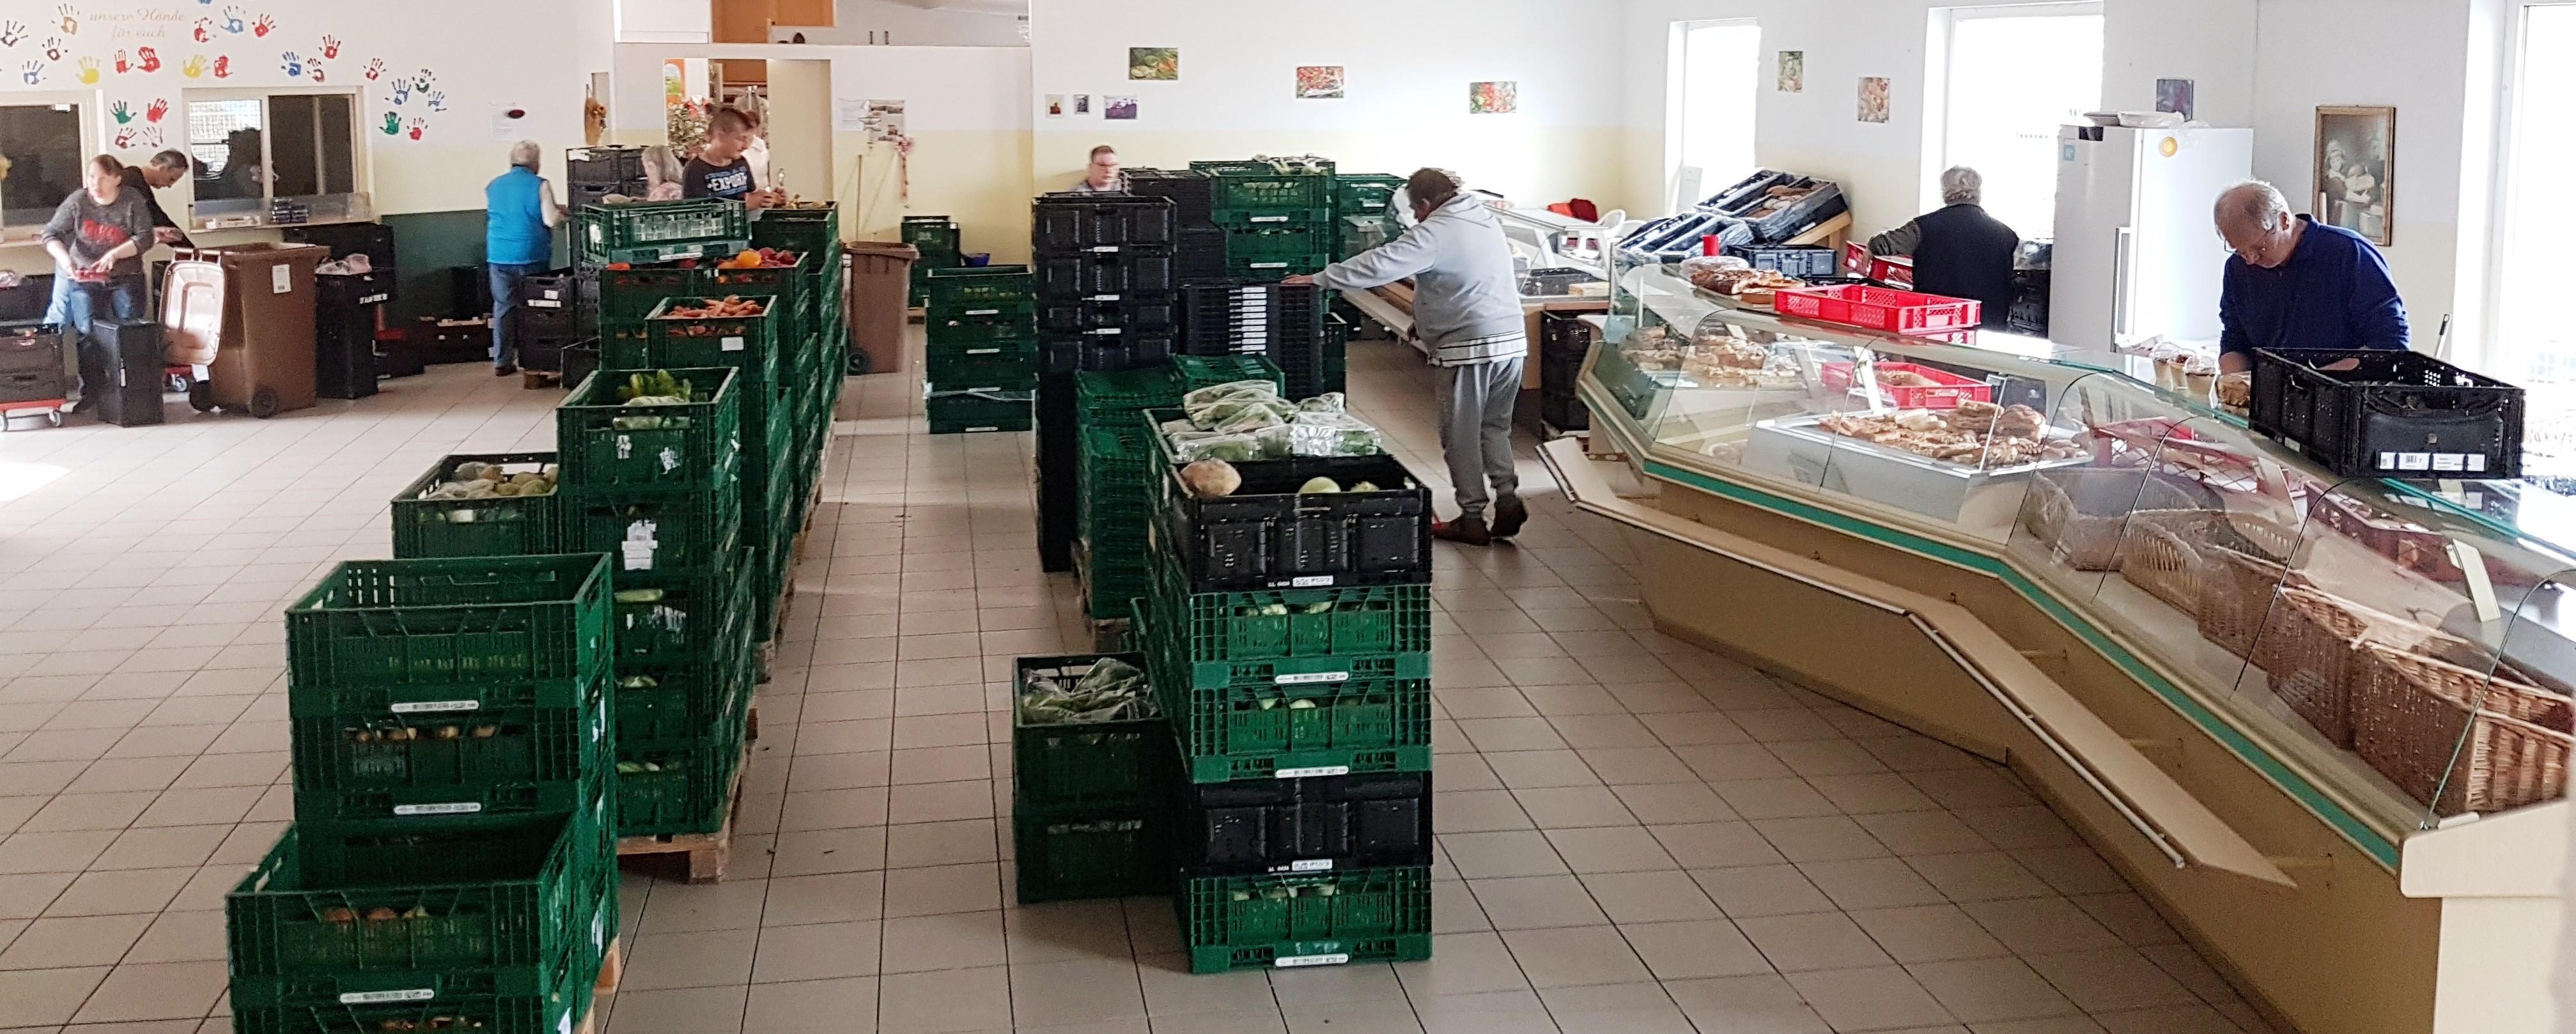 Lebensmittelsortierung